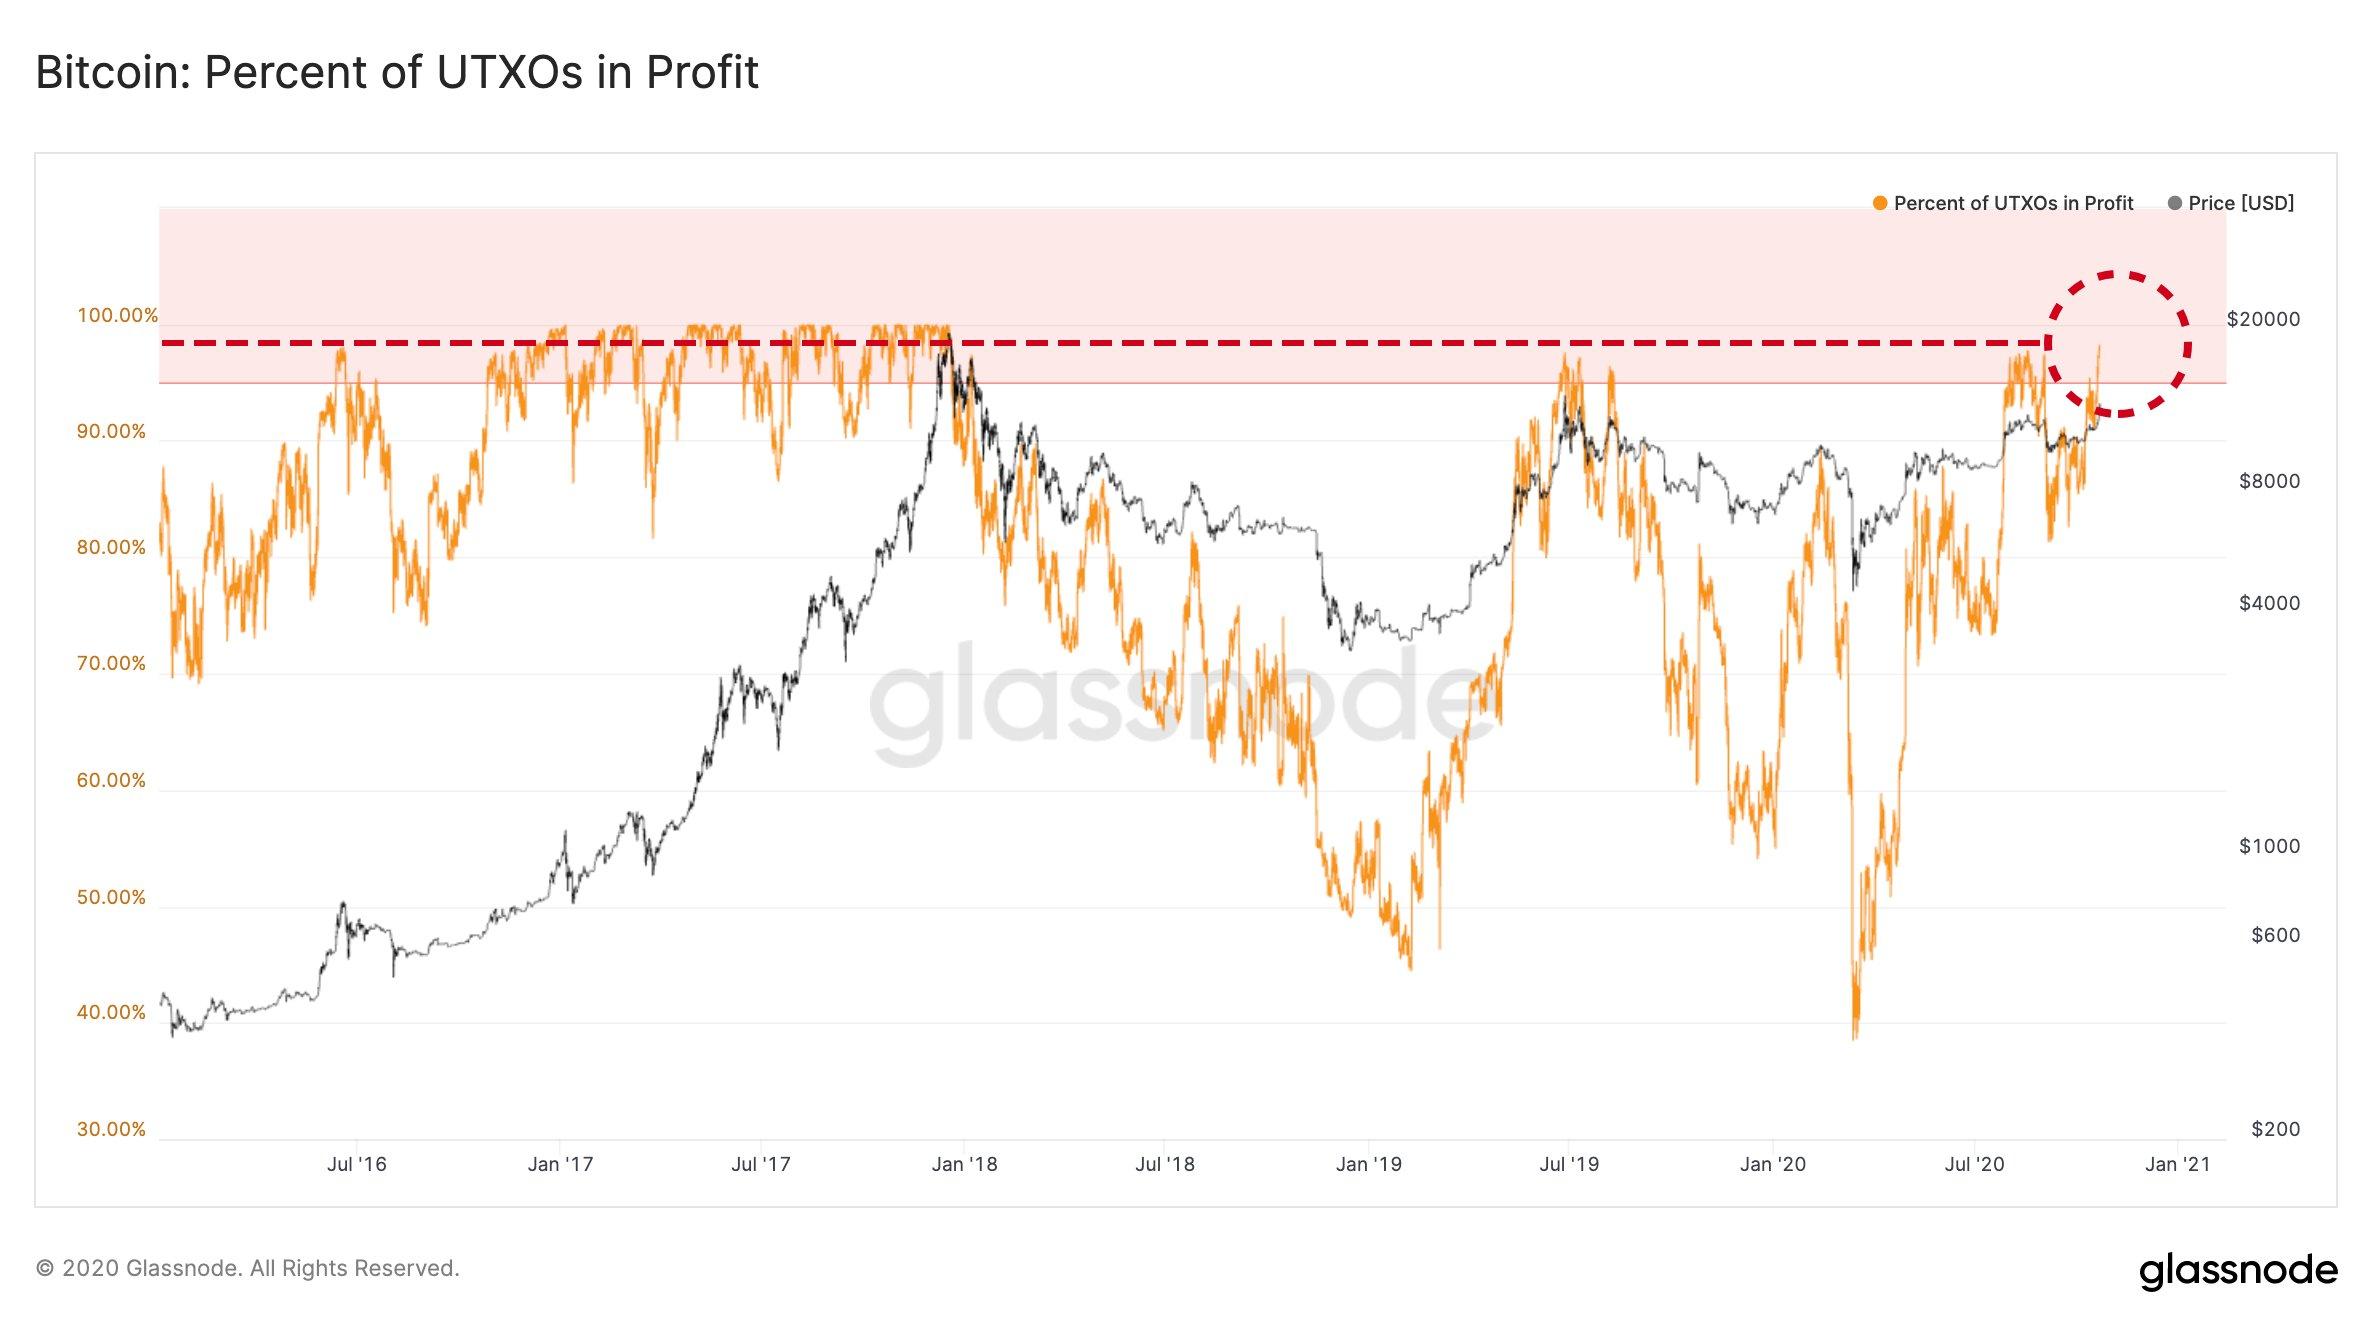 График цены биткоинов